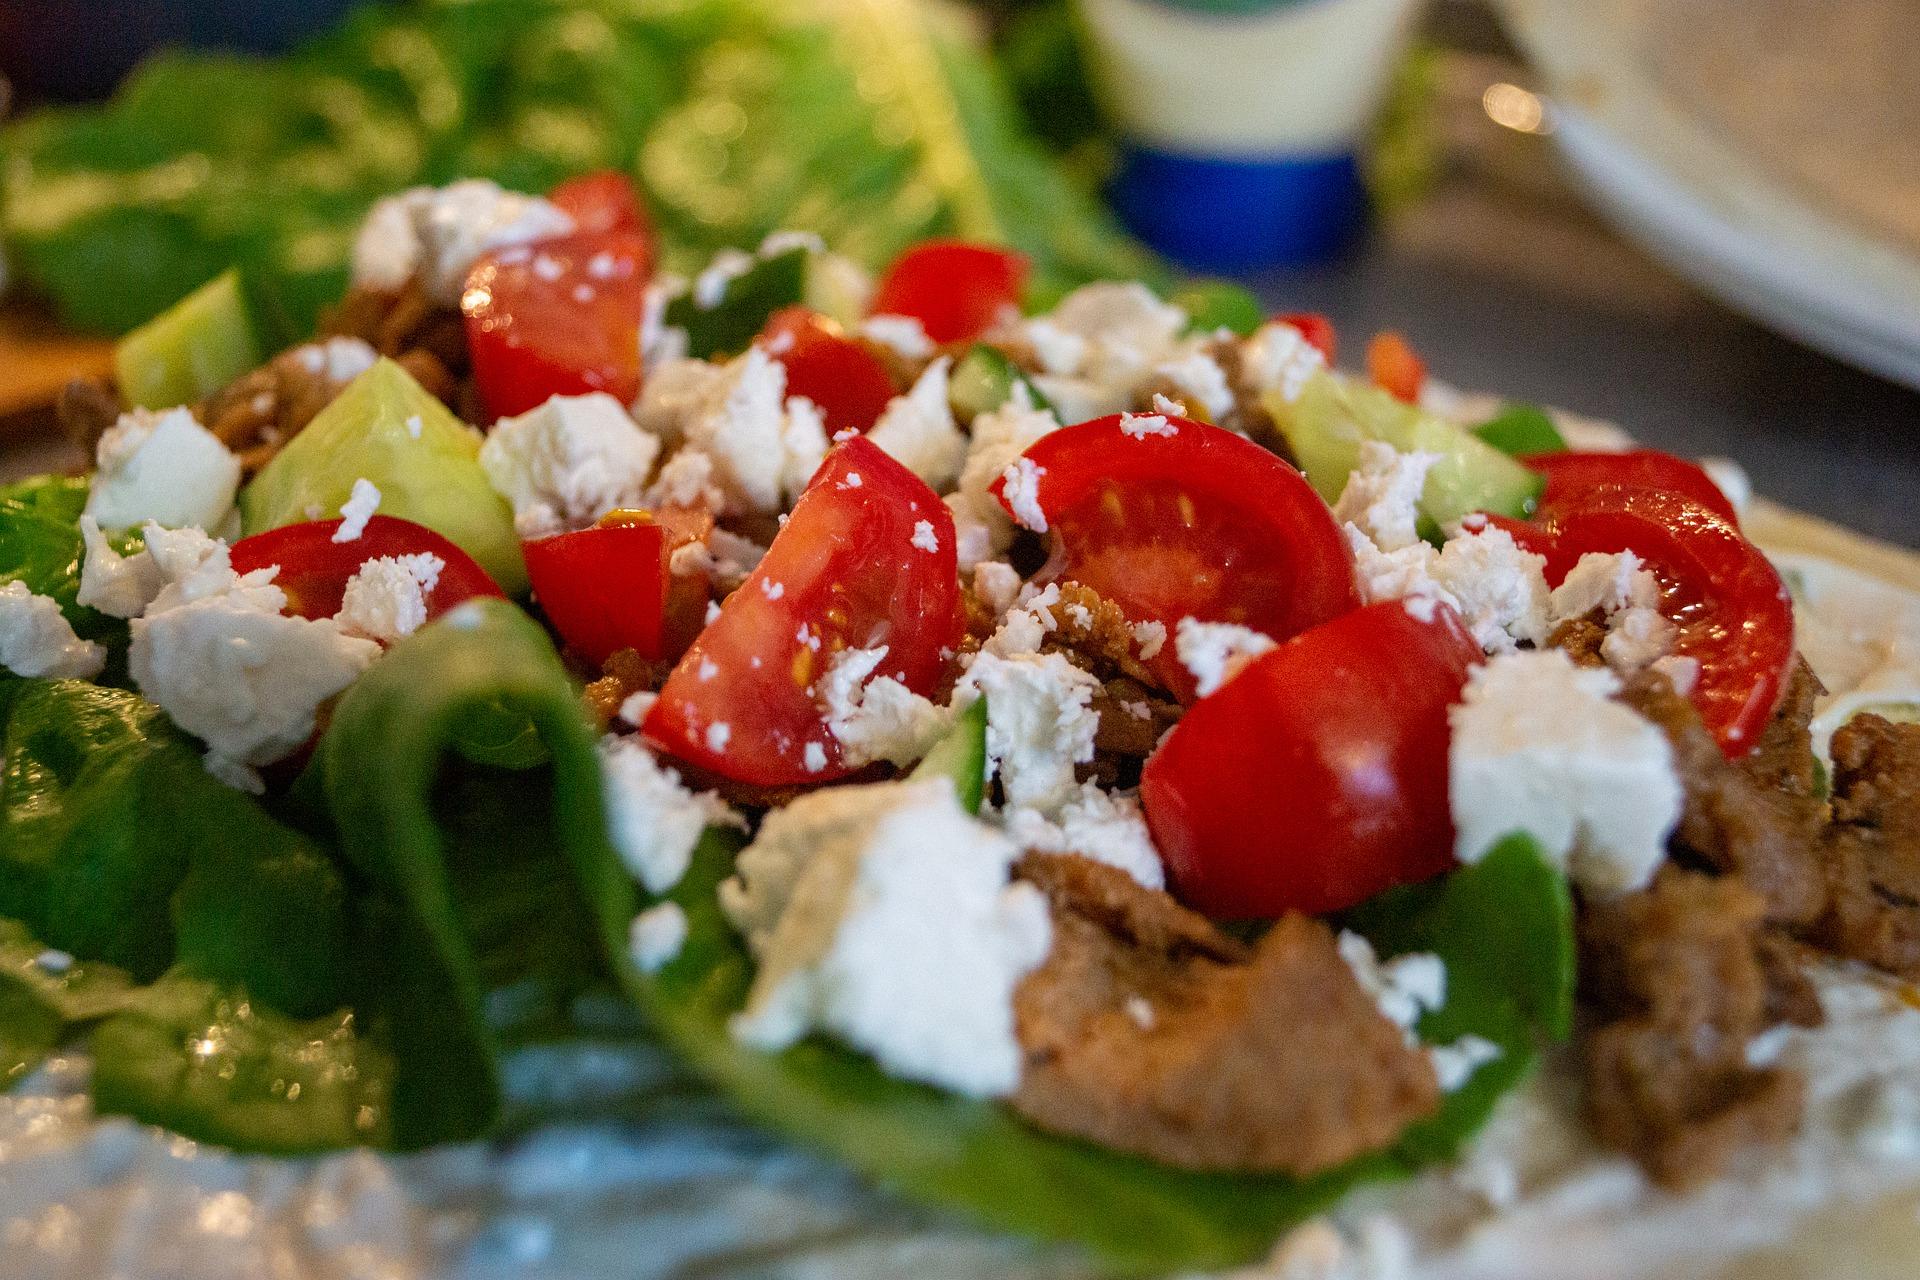 Salat mit Paradeisern und Schafskäse sowie gegrillten Fleischstücken